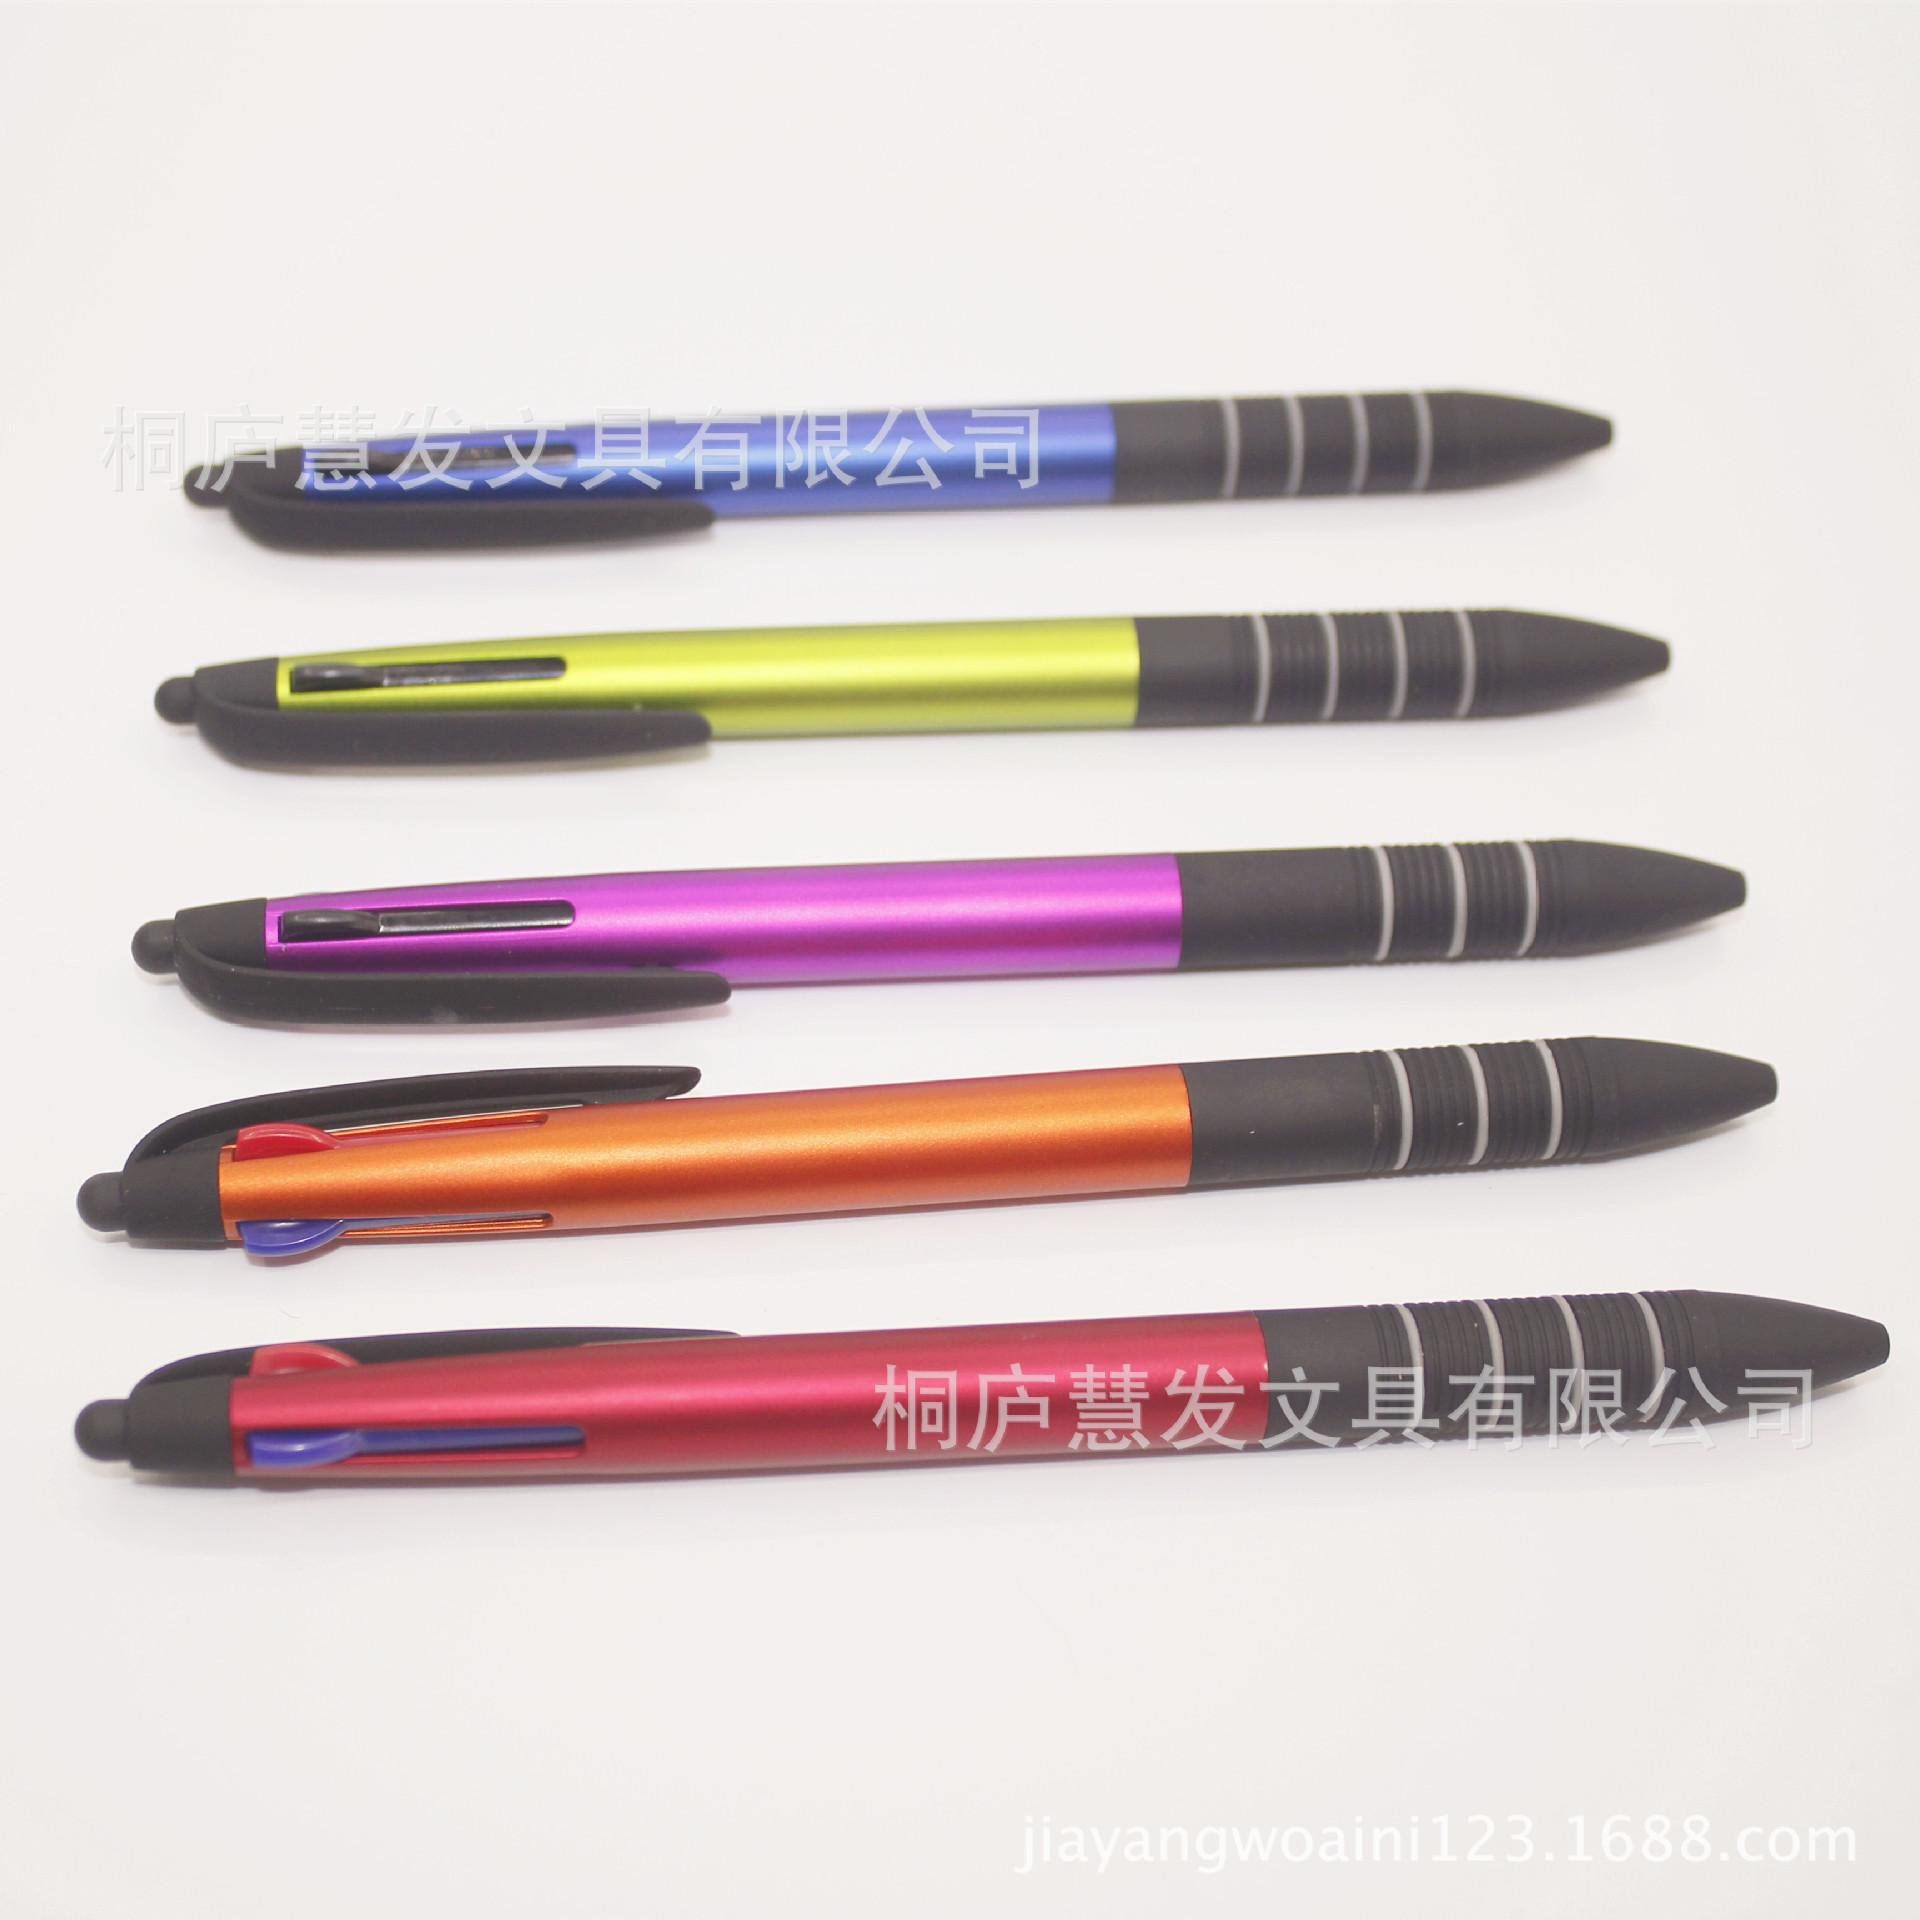 供应优质新款三色圆珠笔触控三色笔多色电容?#39057;?#31508;多功能三合一笔